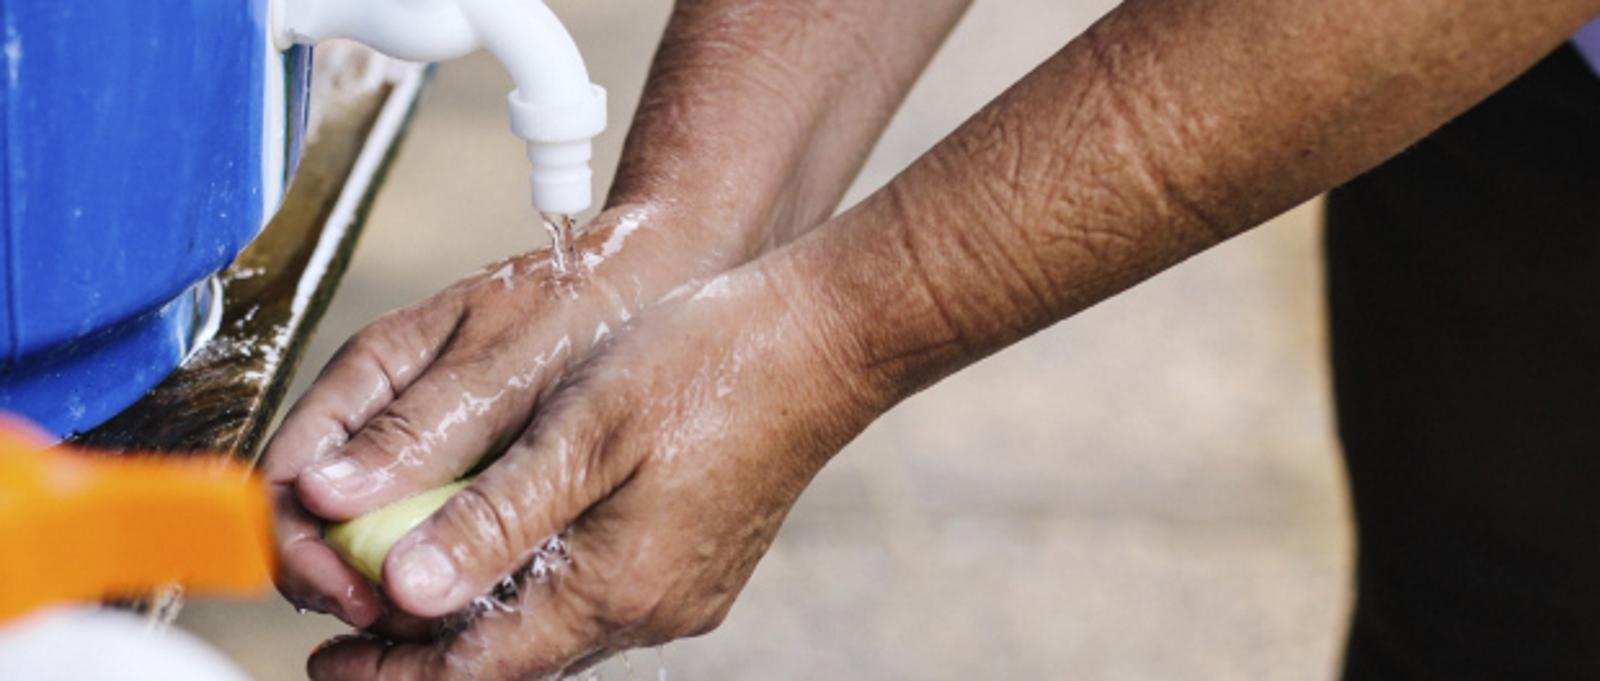 ¿Qué es el Ébola? Síntomas de la enfermedad ¿Cómo se contagia? Riesgos Vacunas y Tratamientos